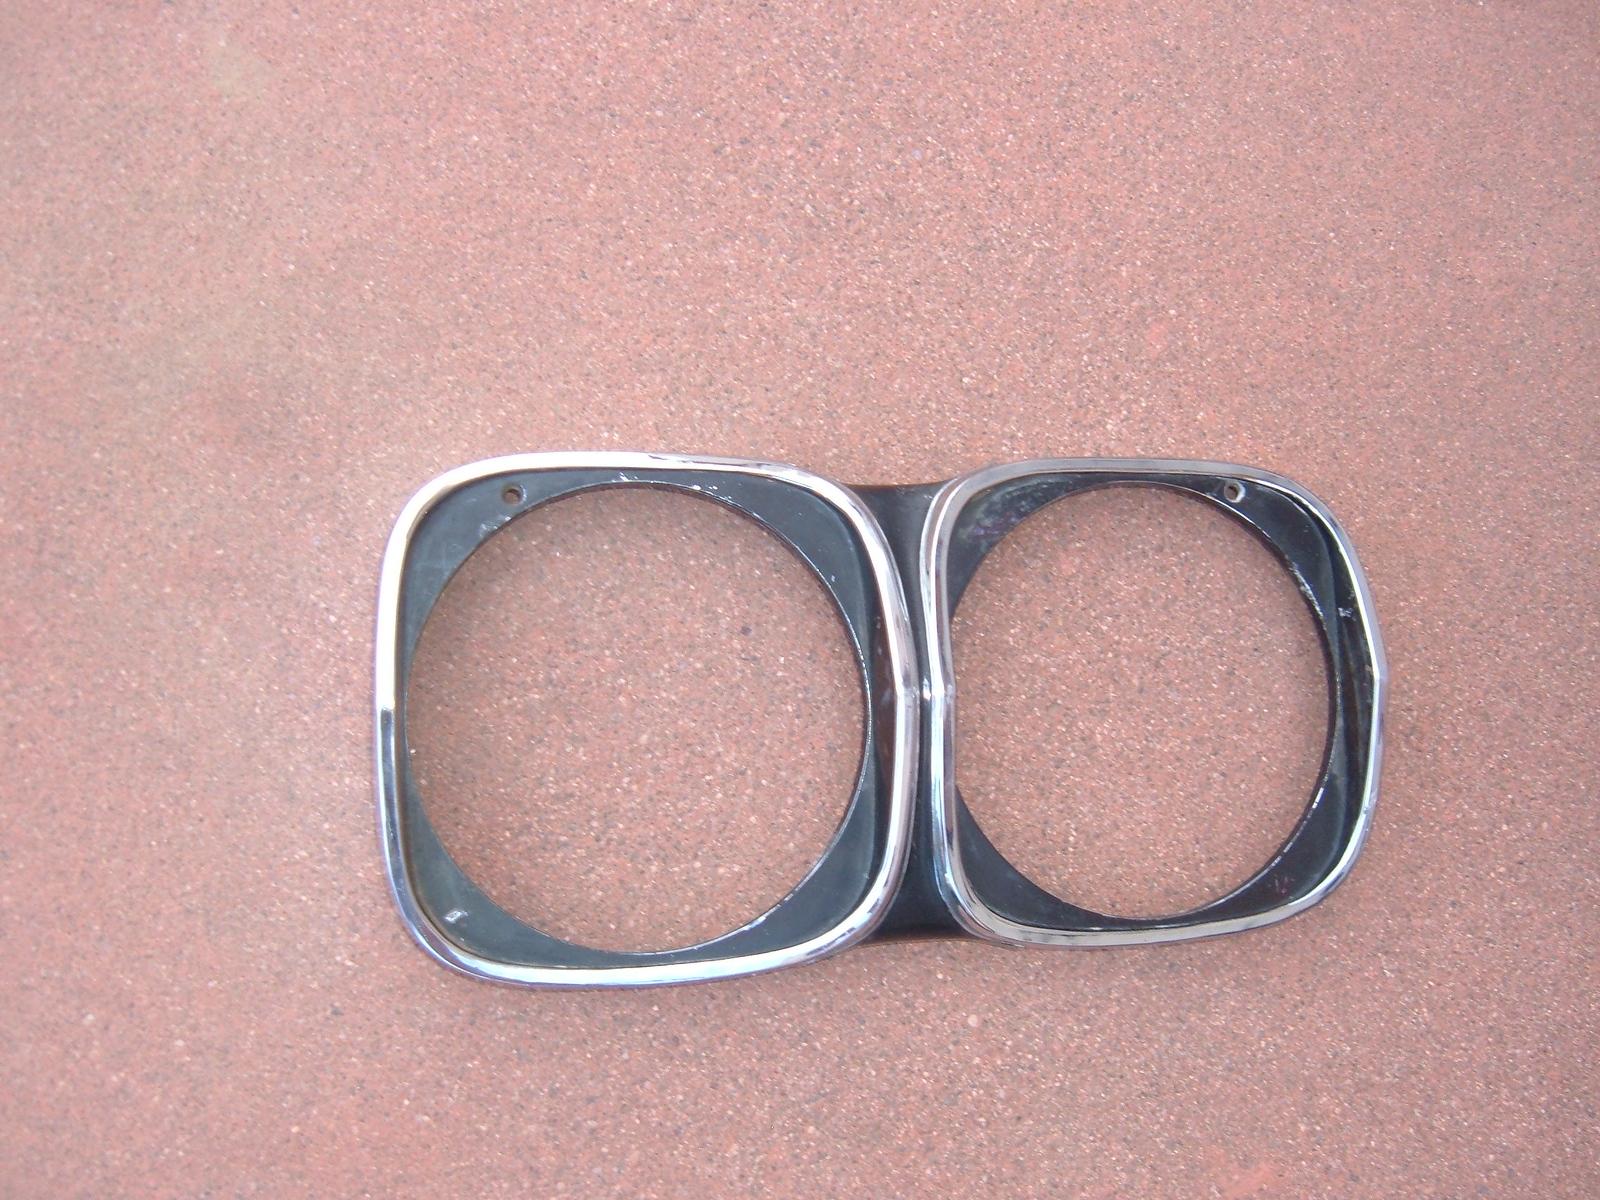 1966 oldsmobile headlight bezel nos gm 391245 (z 391245)